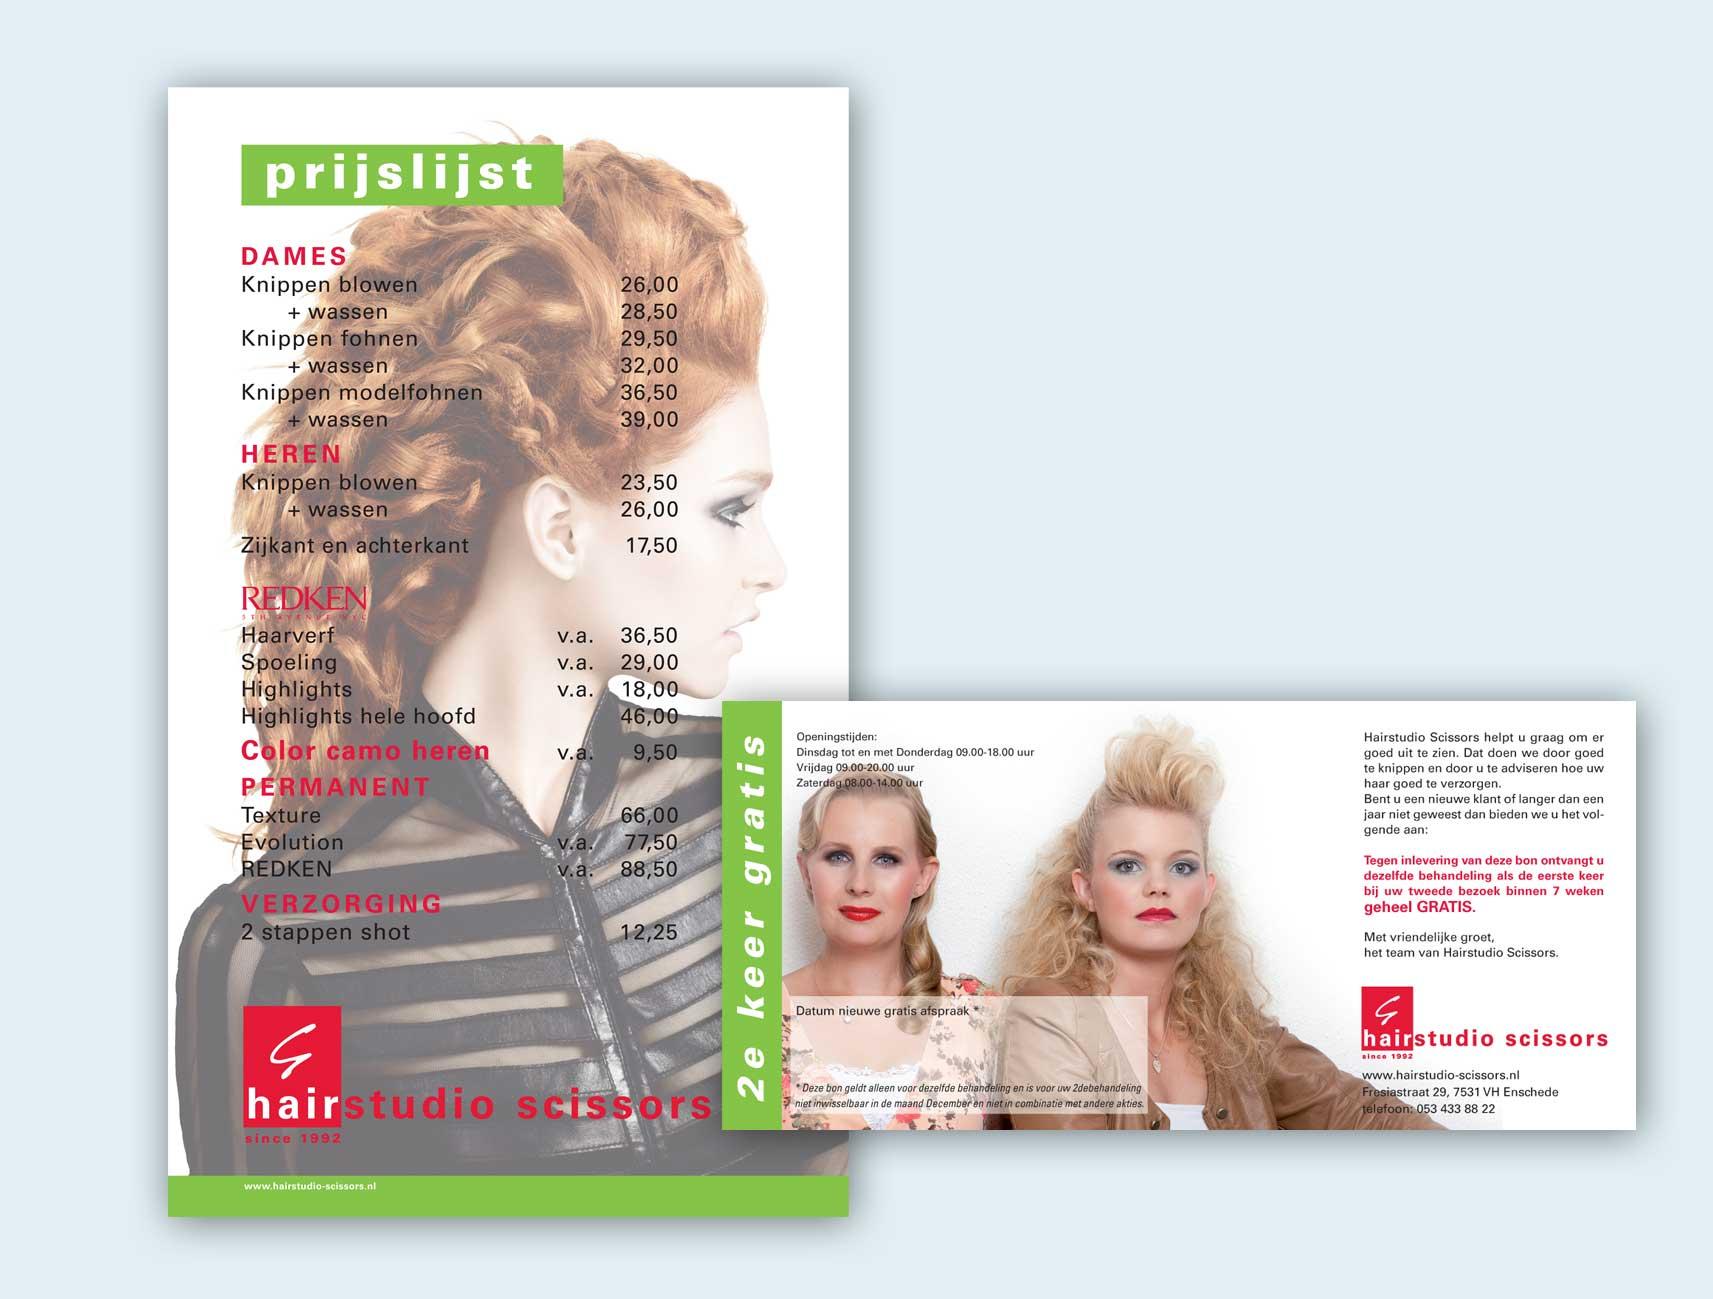 Hairstudio Scissors